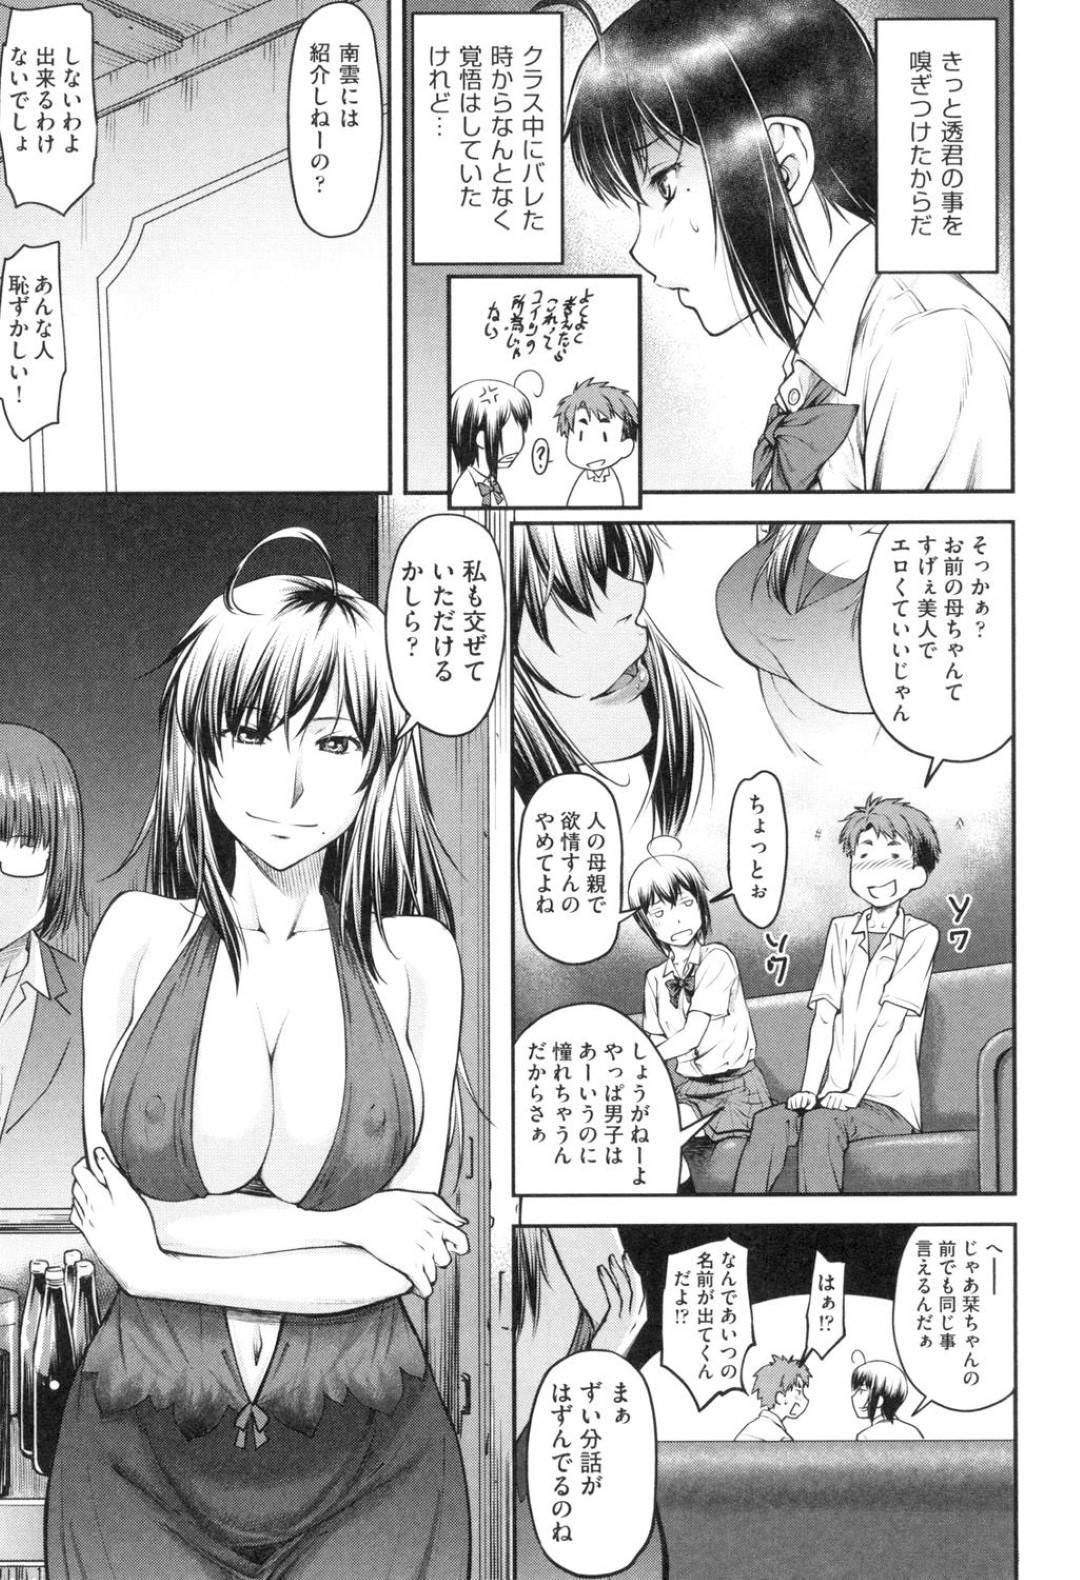 【エロ漫画】彼女の母親を交えて3Pセックスをする事になった主人公。彼女の家に連れられた彼は腕を拘束されて逆レイプ気味に母親に騎乗位で犯されてしまう。